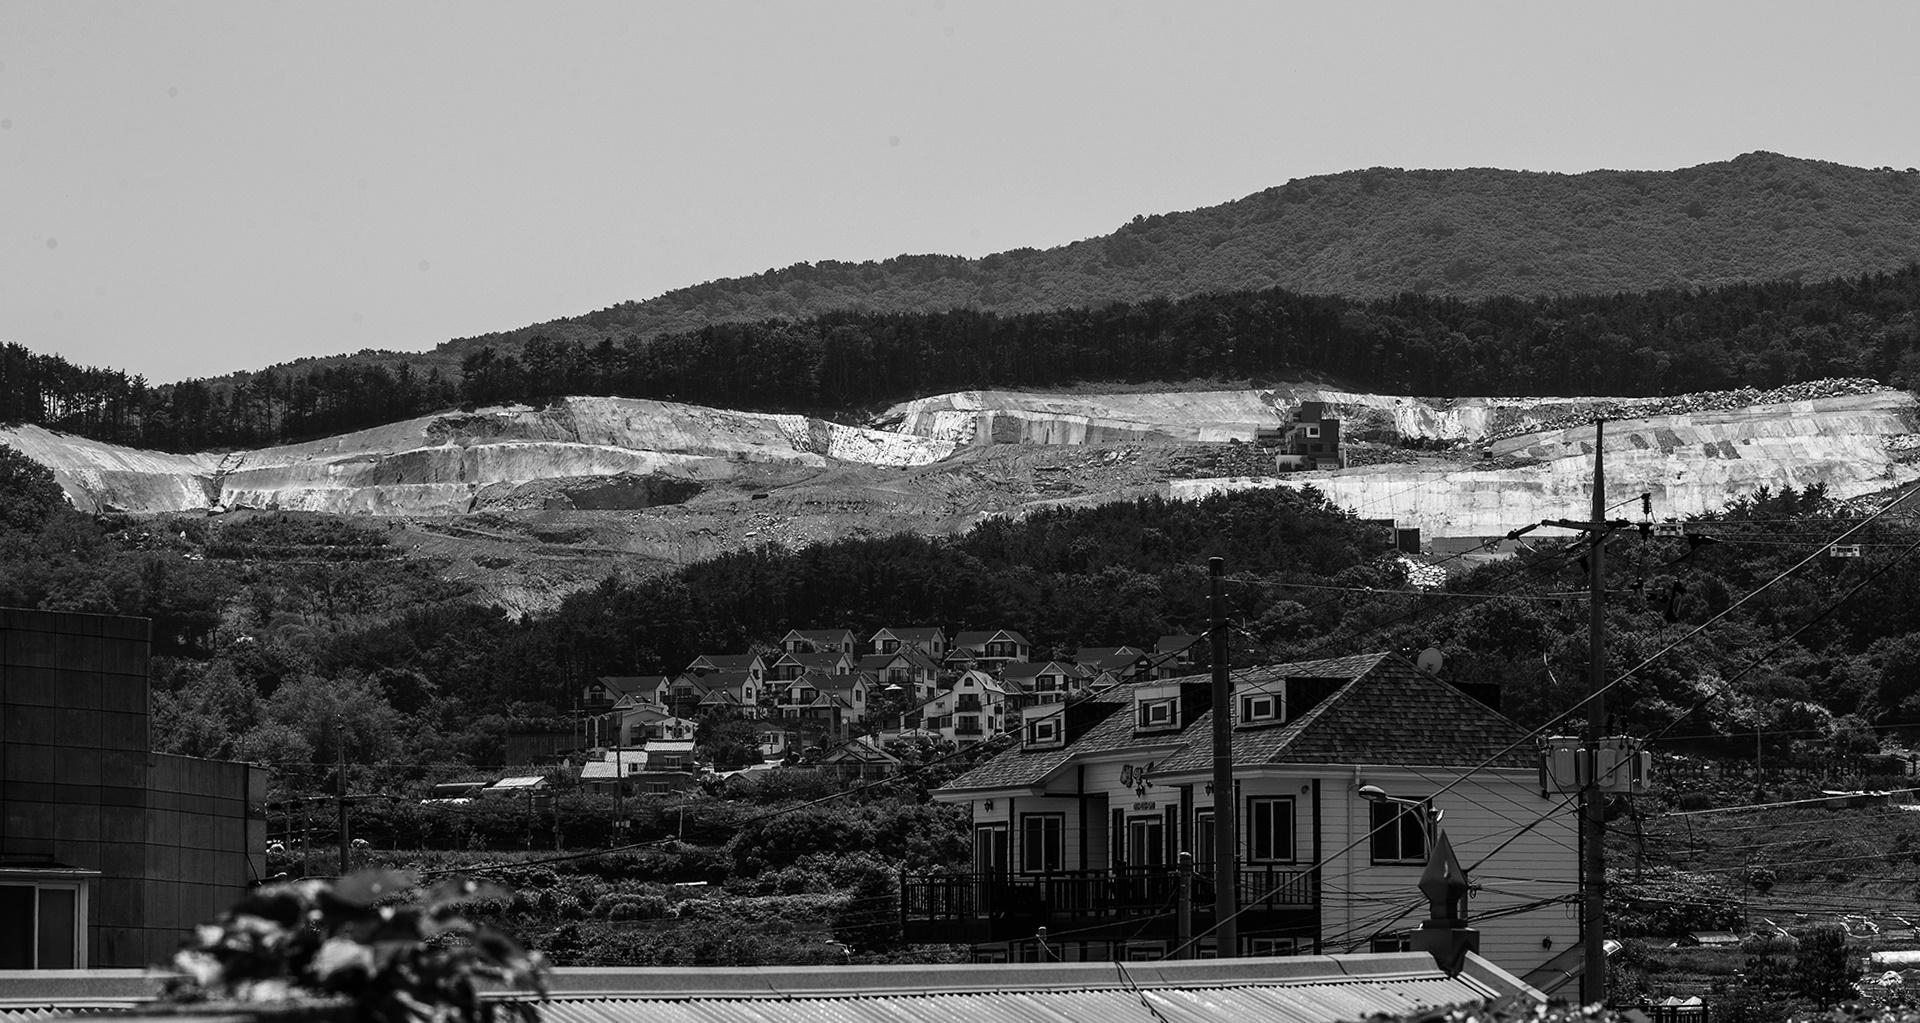 타운하우스를 짓느라 파헤쳐진 거제 외곽의 산. 부동산 버블의 또 다른 단면이다.